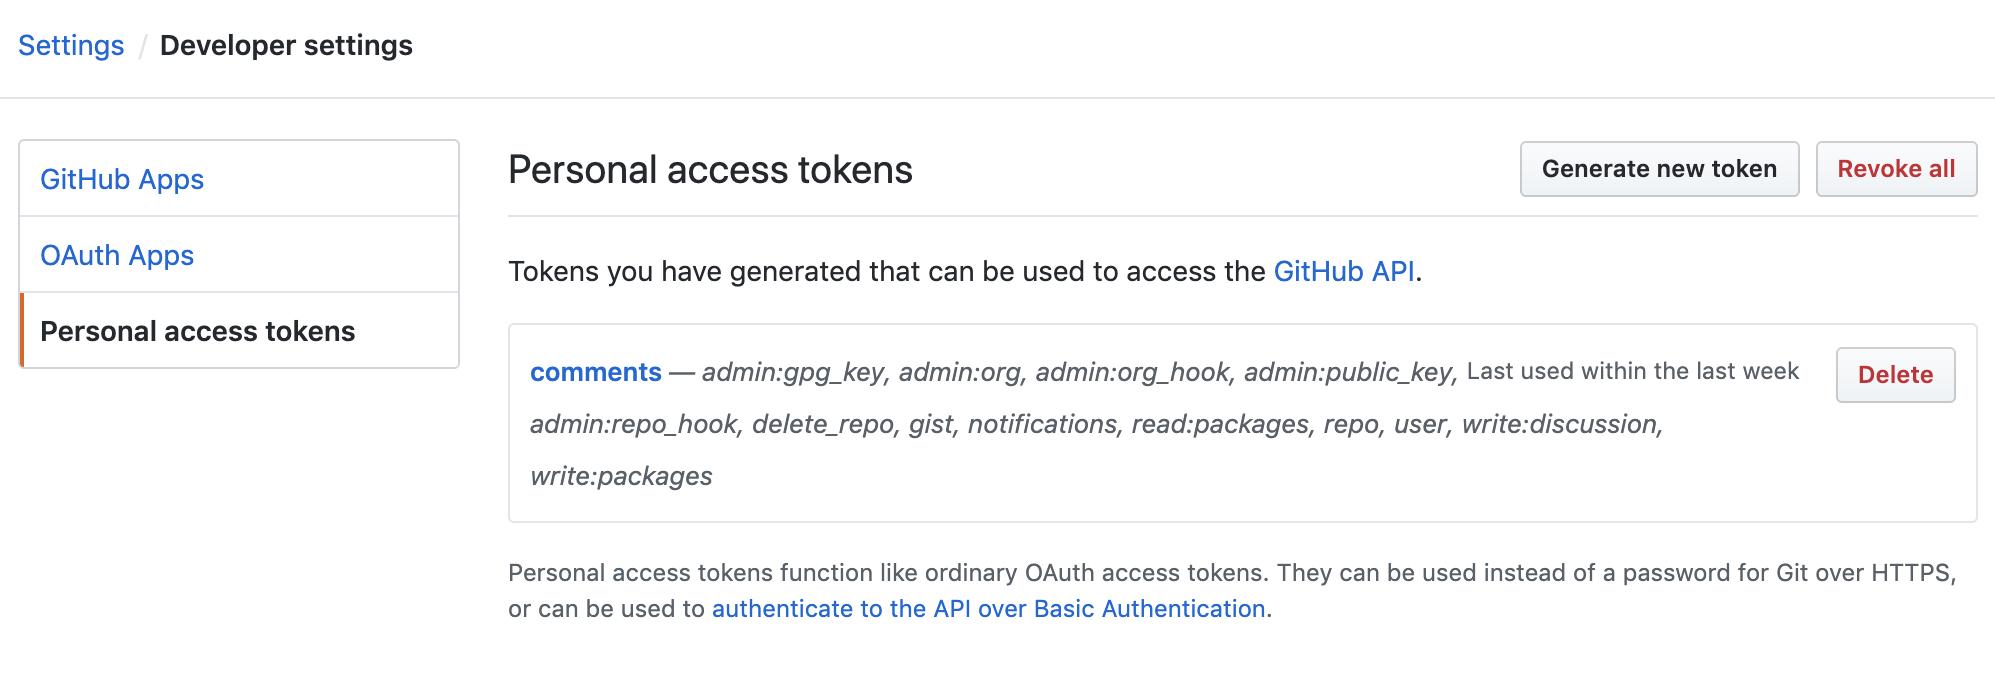 GitHub developer settings